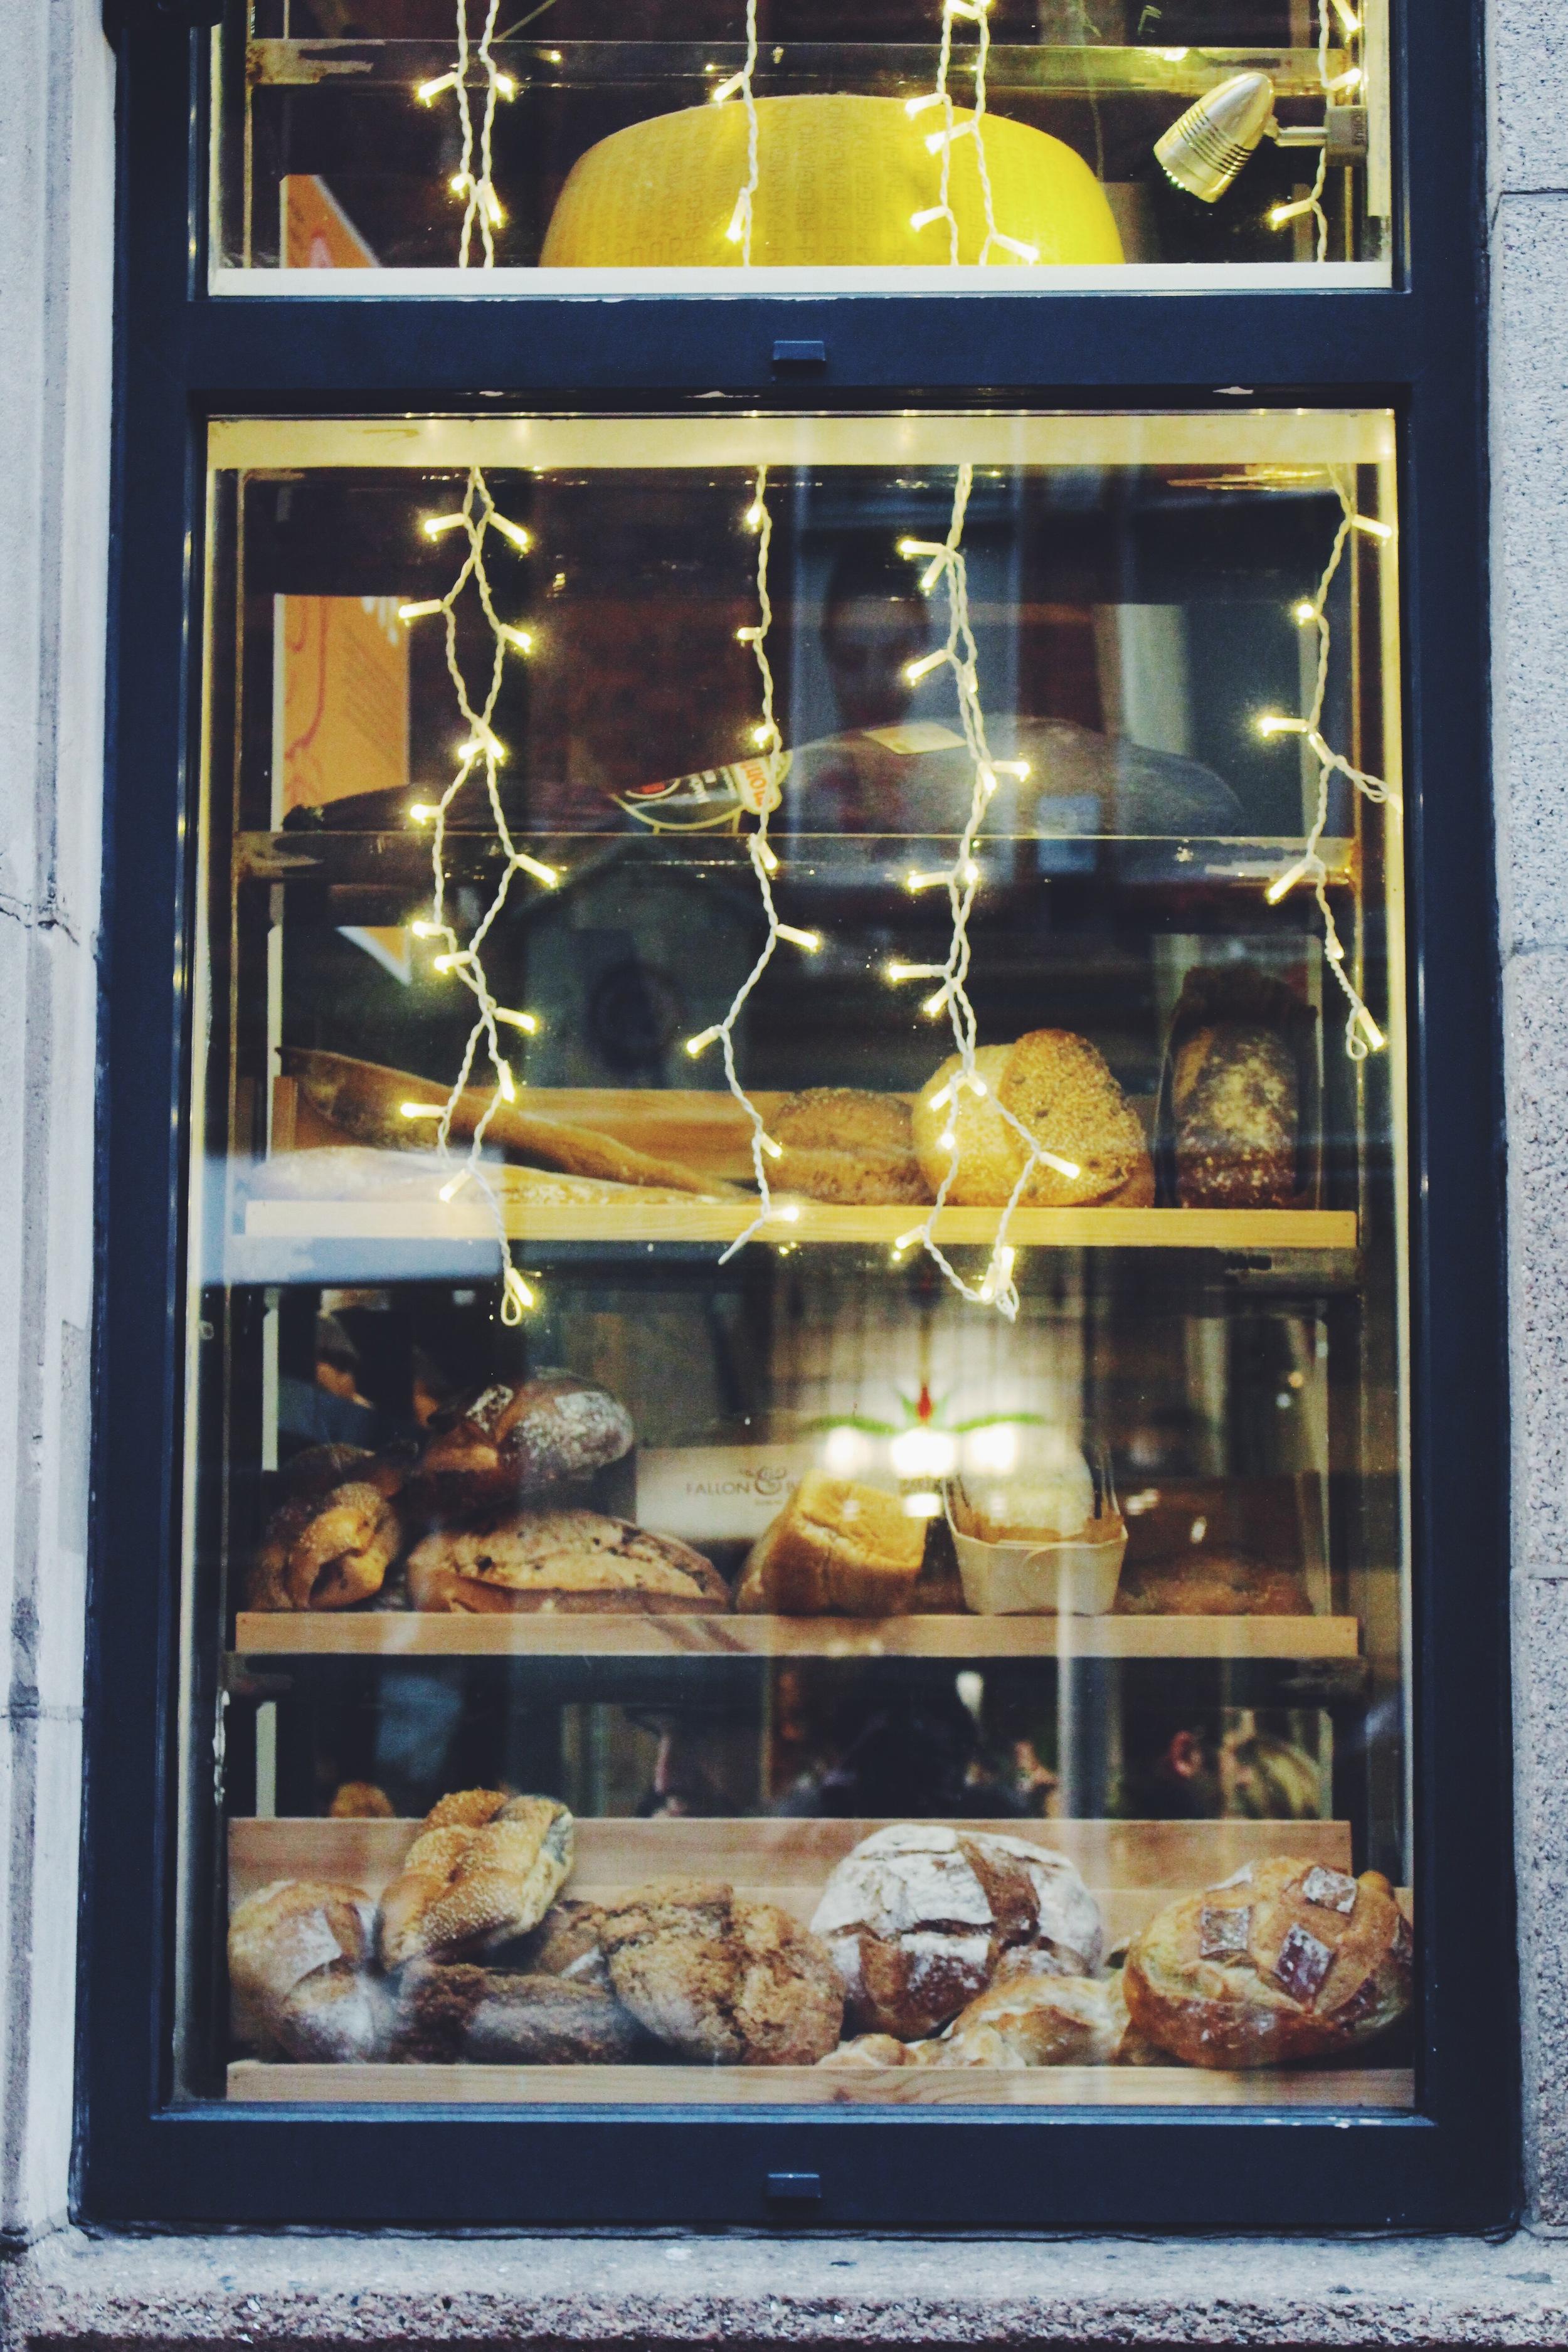 fallon dublin bread in window.jpg